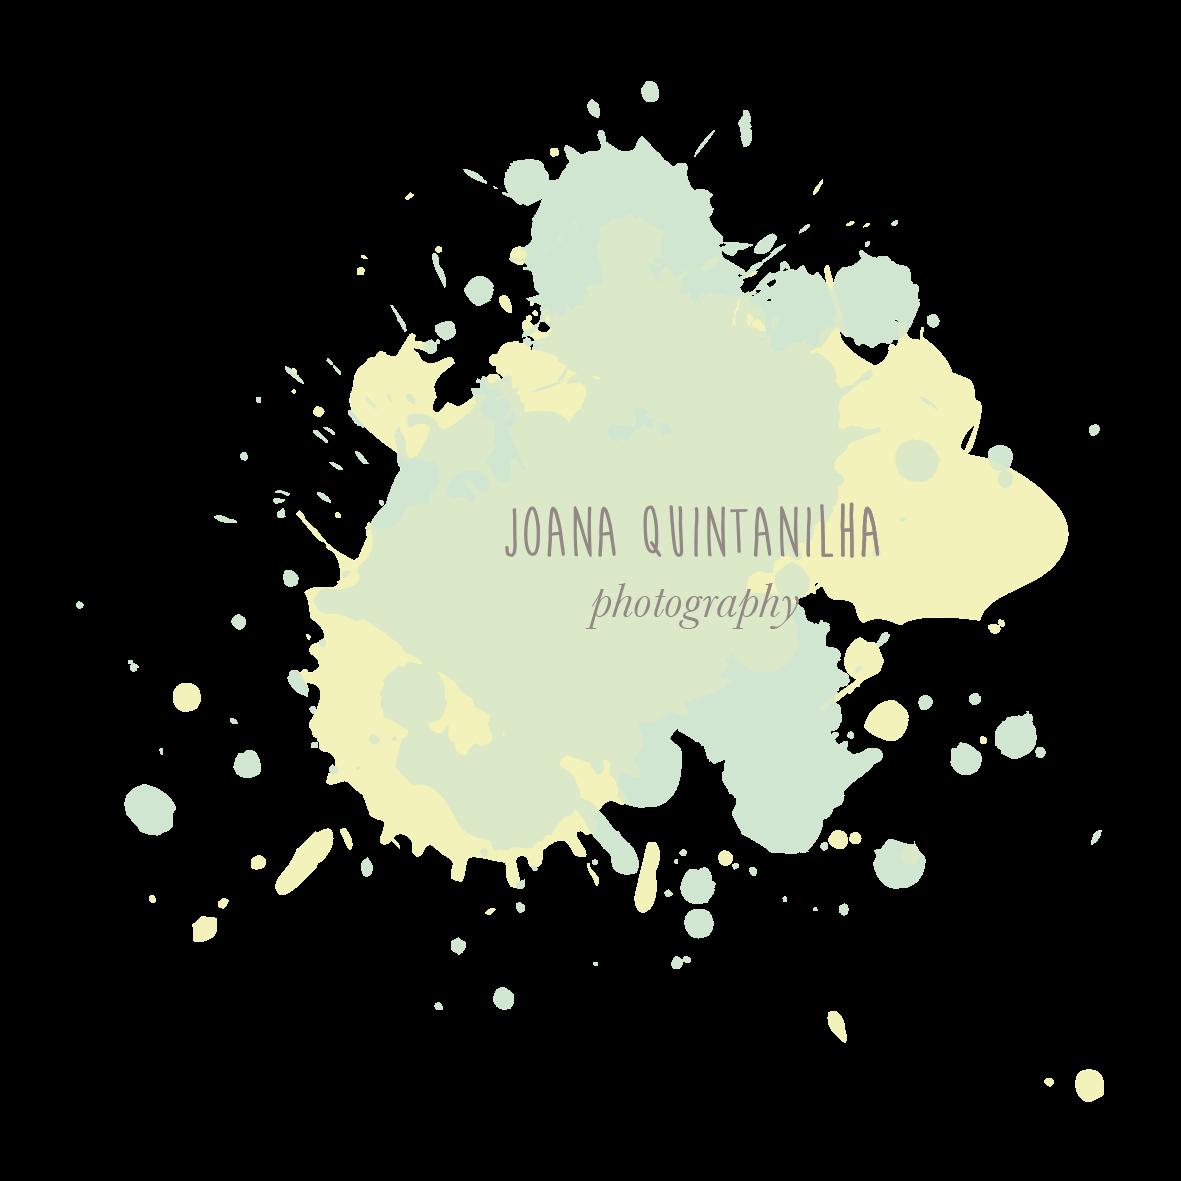 JOANA QUINTANILHA - PHOTOGRAPHER